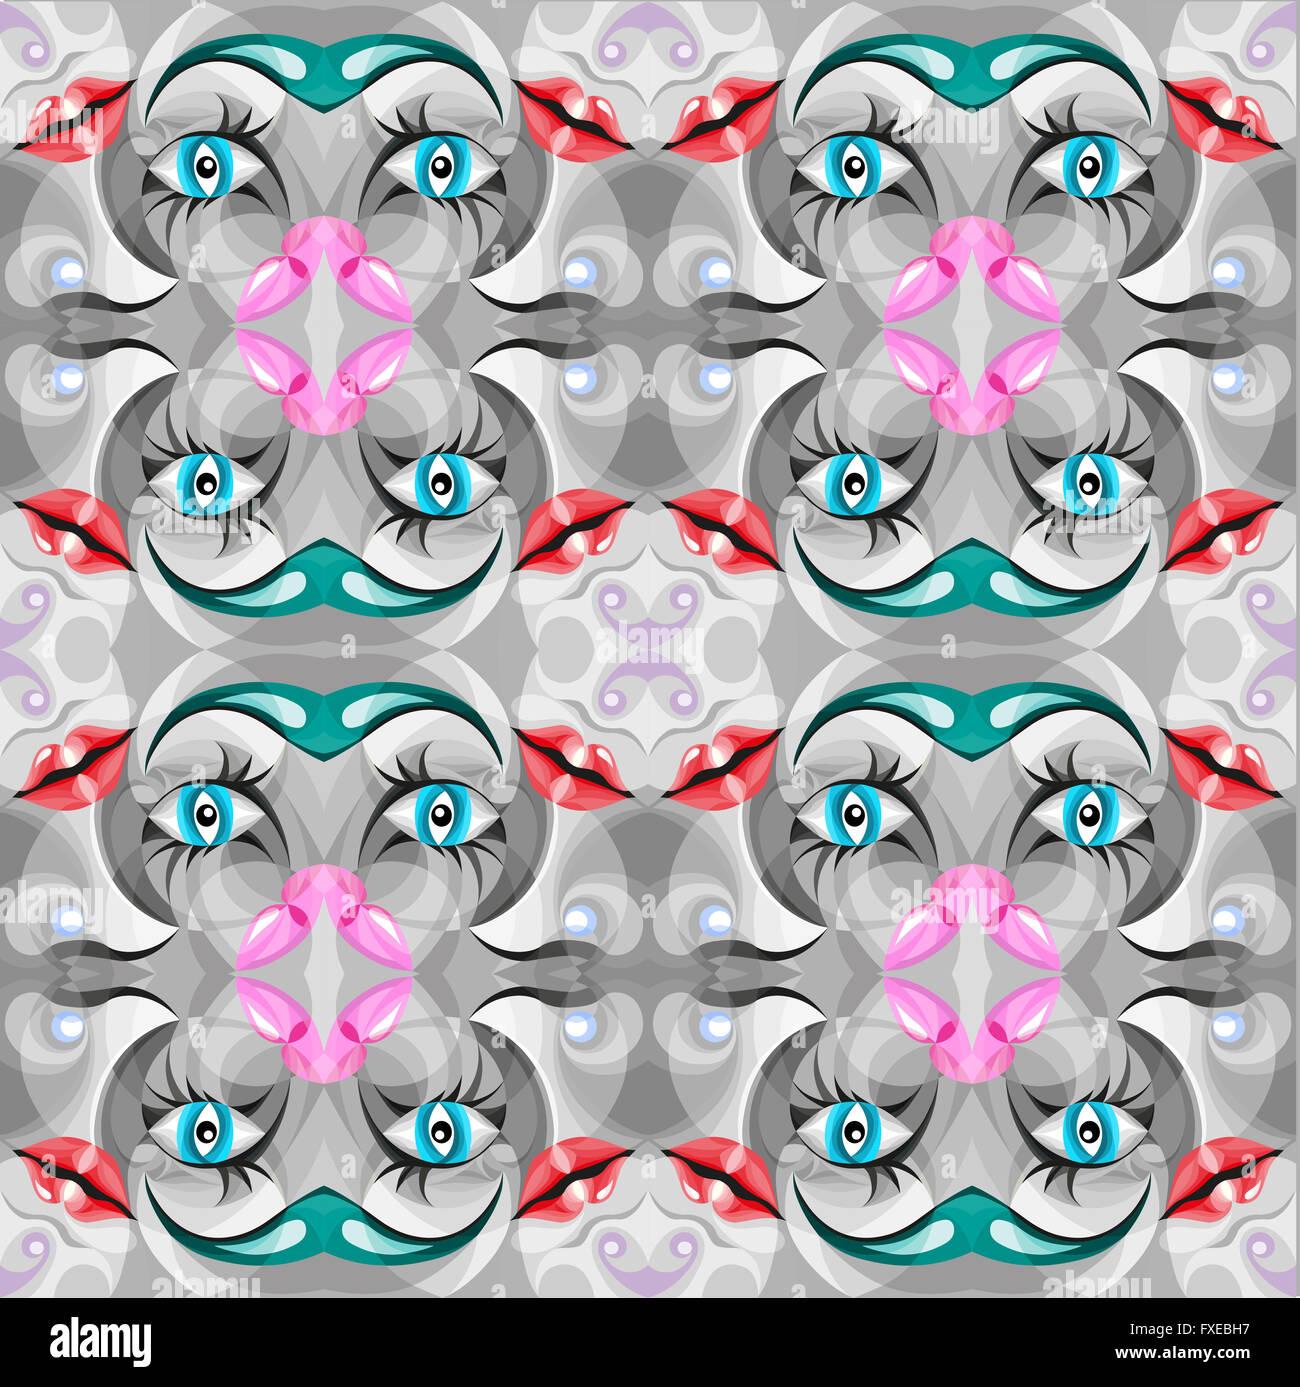 Bunt, schön, Abstrakt Textur Musterdesign Hintergrund Stockbild